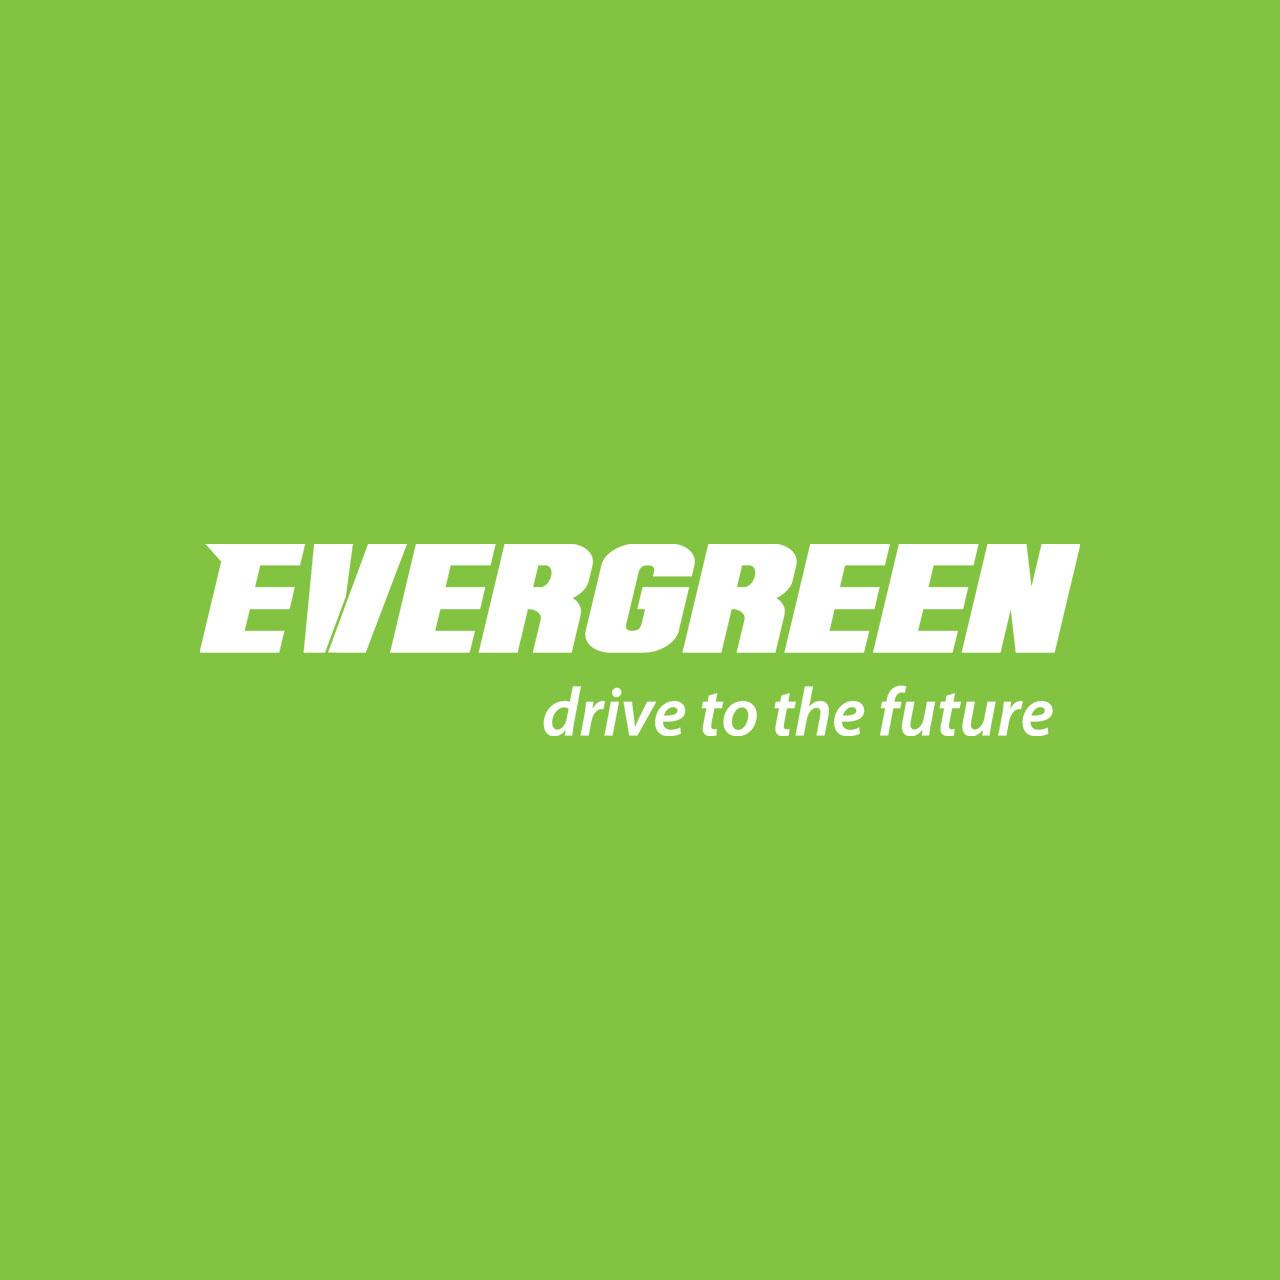 Evergreen_Hvit_Gronn